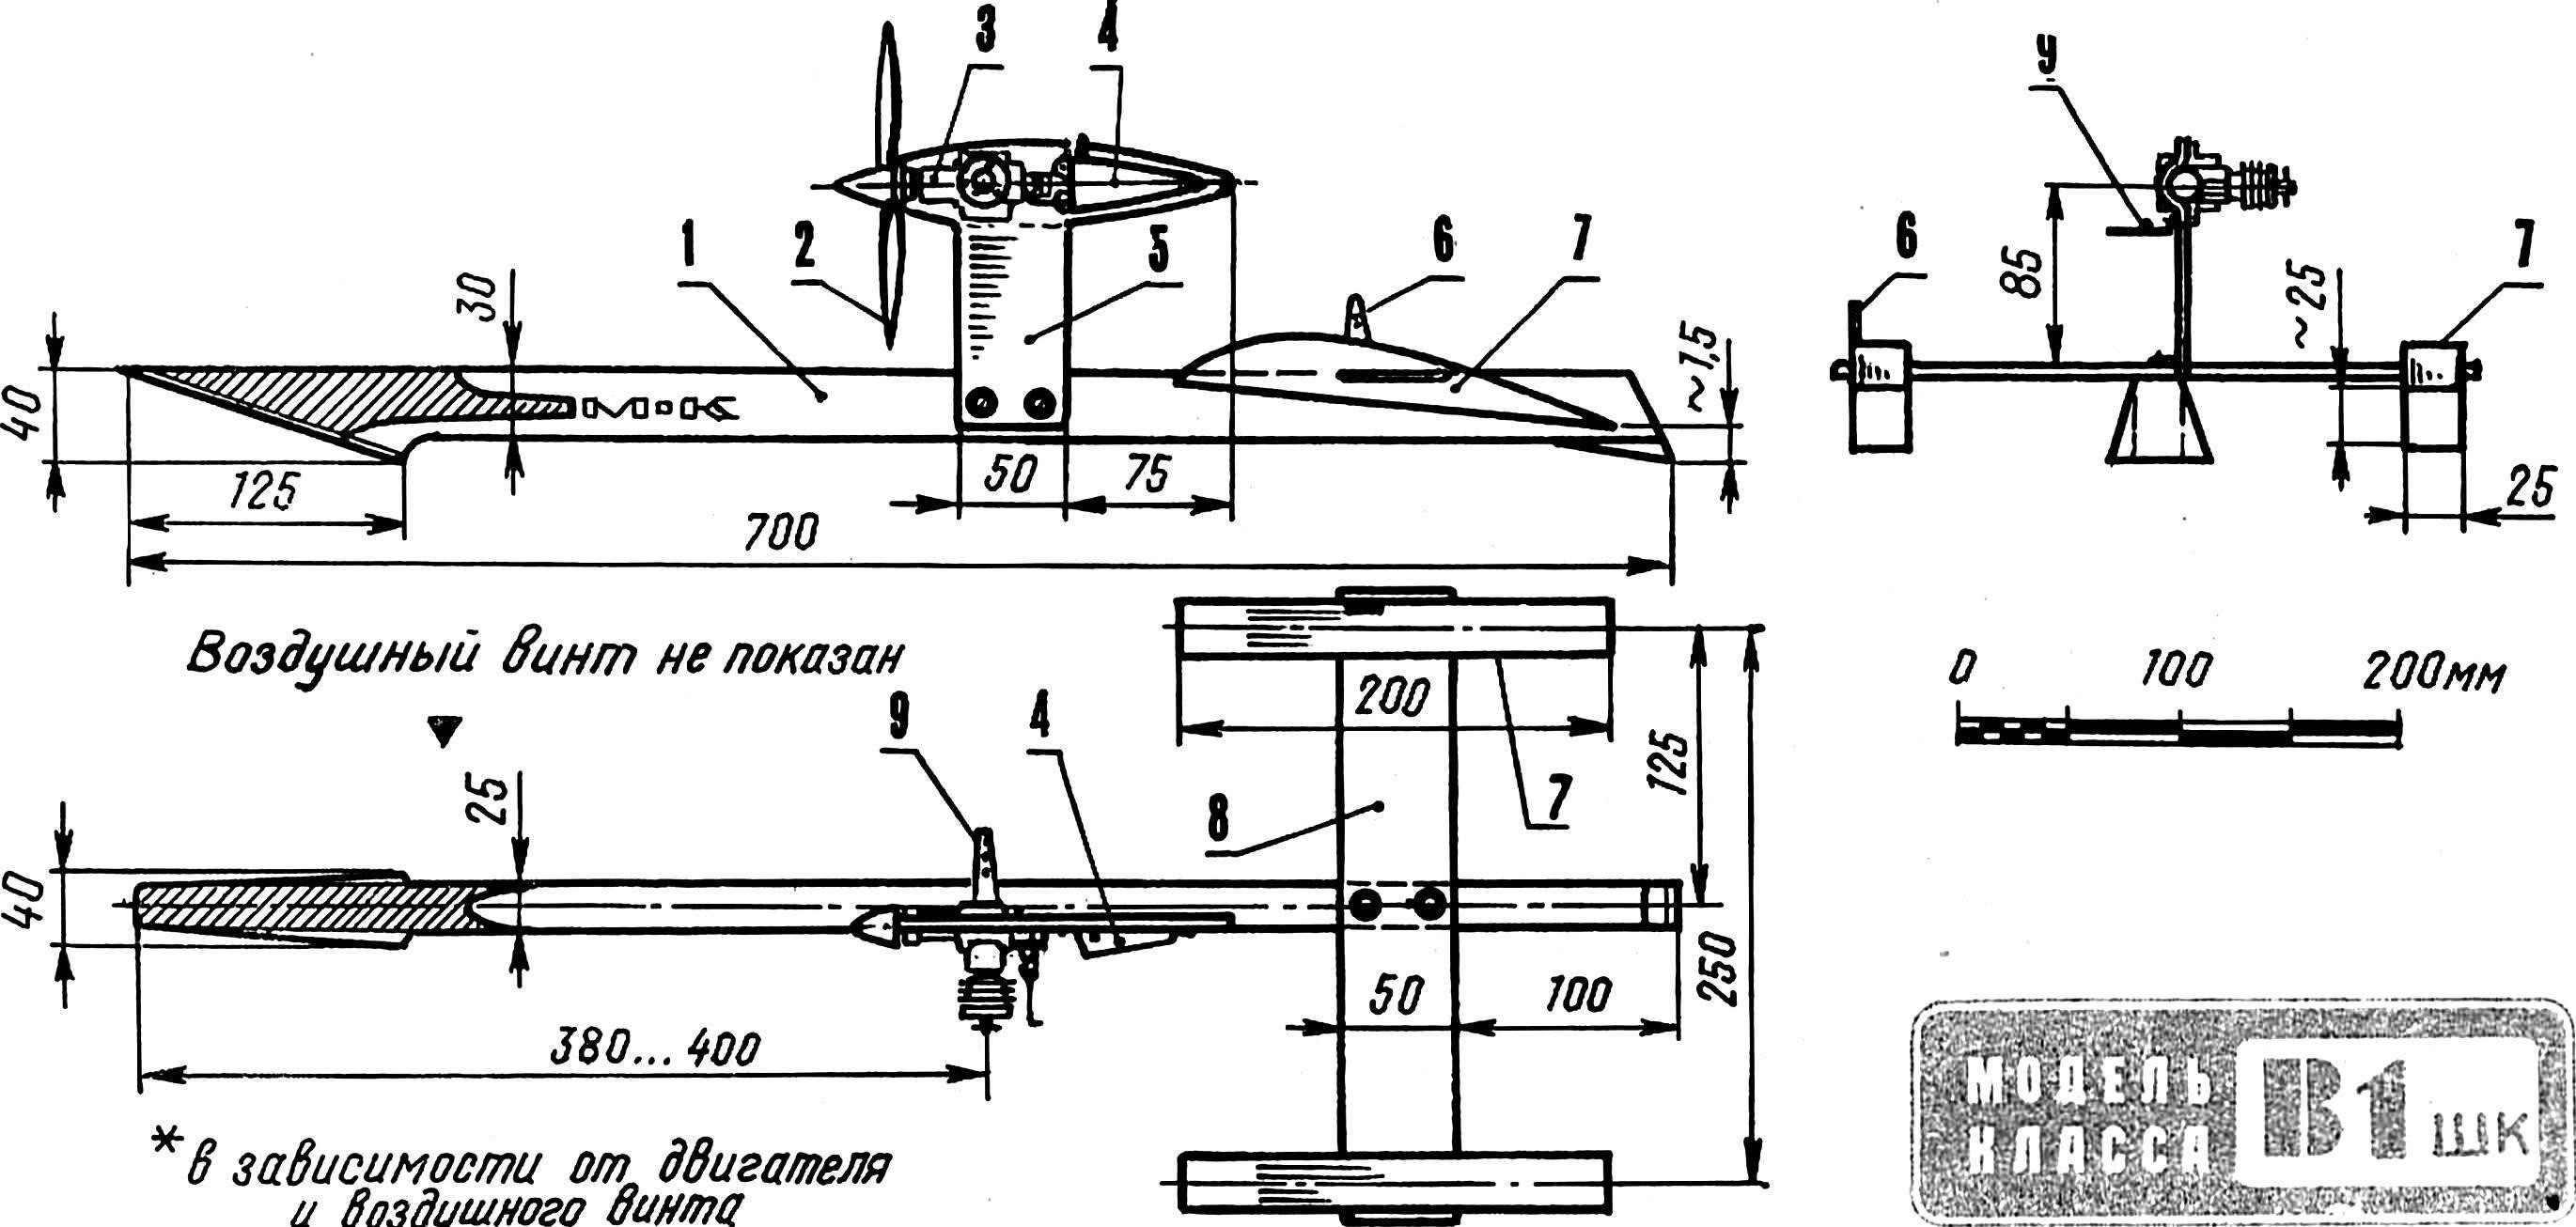 Рис. 1. Кордовый аэроглиссер с двигателем рабочим объемом 1,5 см3.